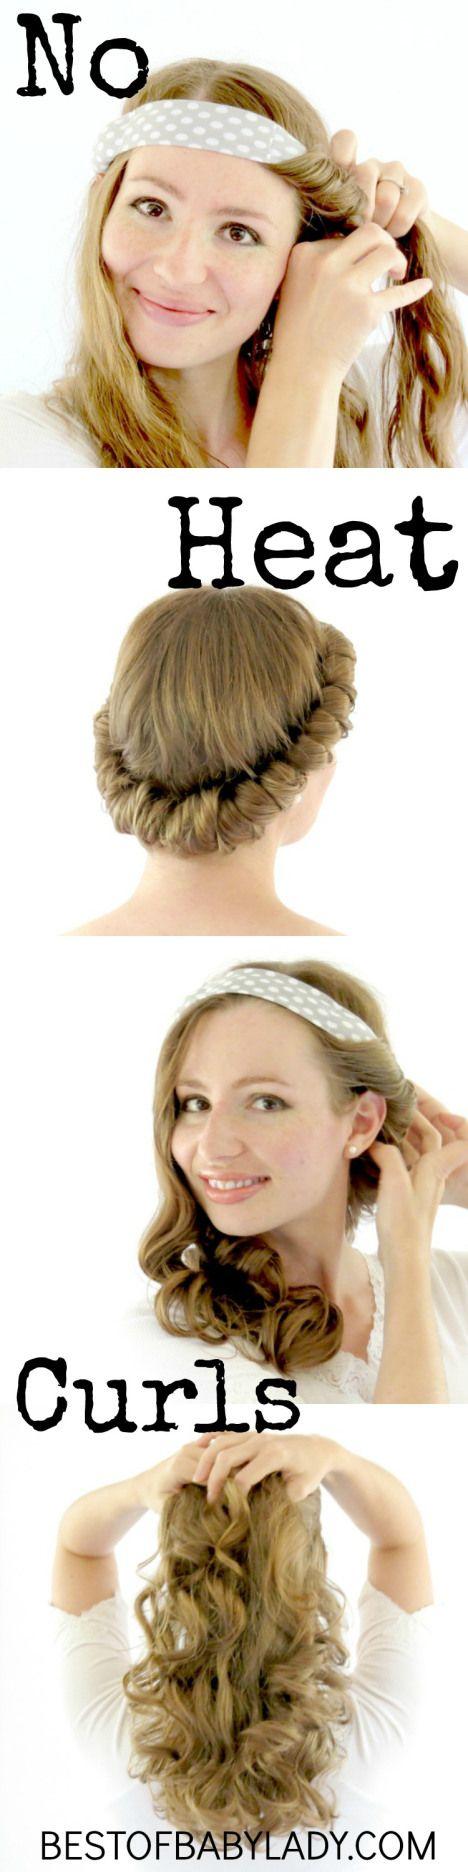 Easy, no heat curls WWW.BESTOFBABYLADY.COM